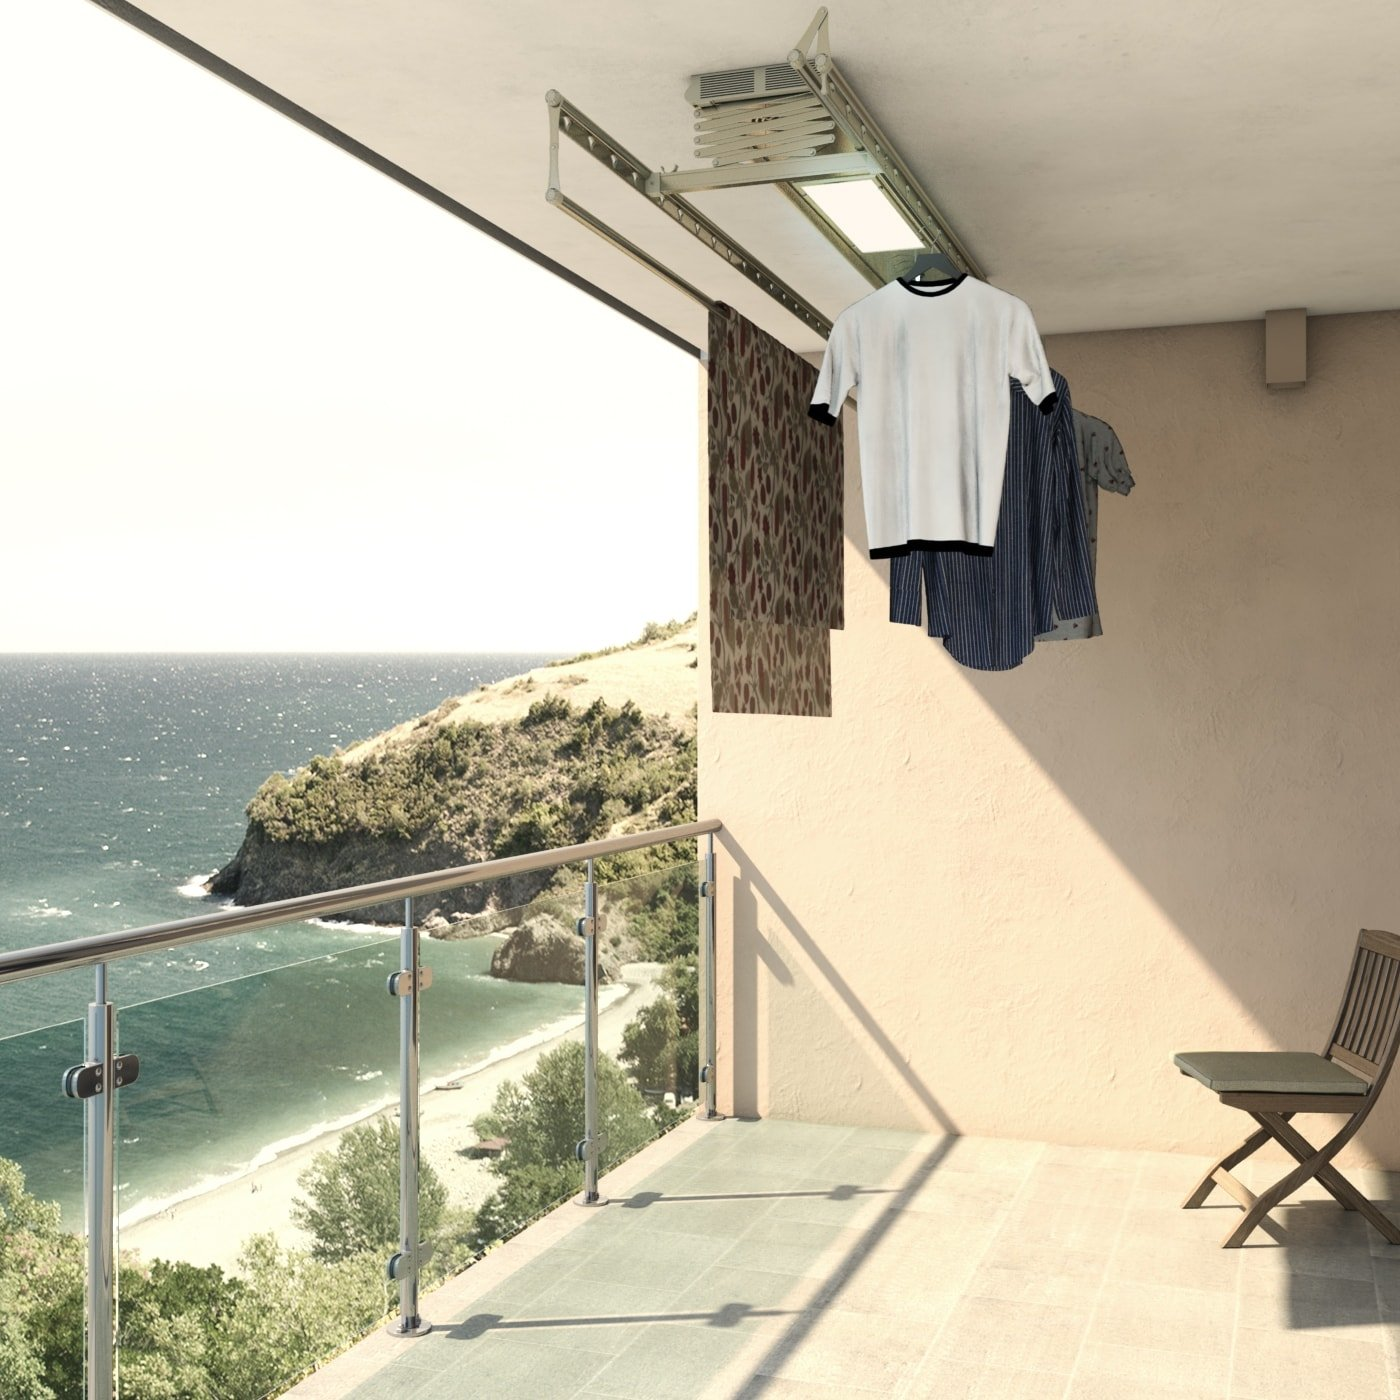 Kriterier for valg av tørketrommel til balkong